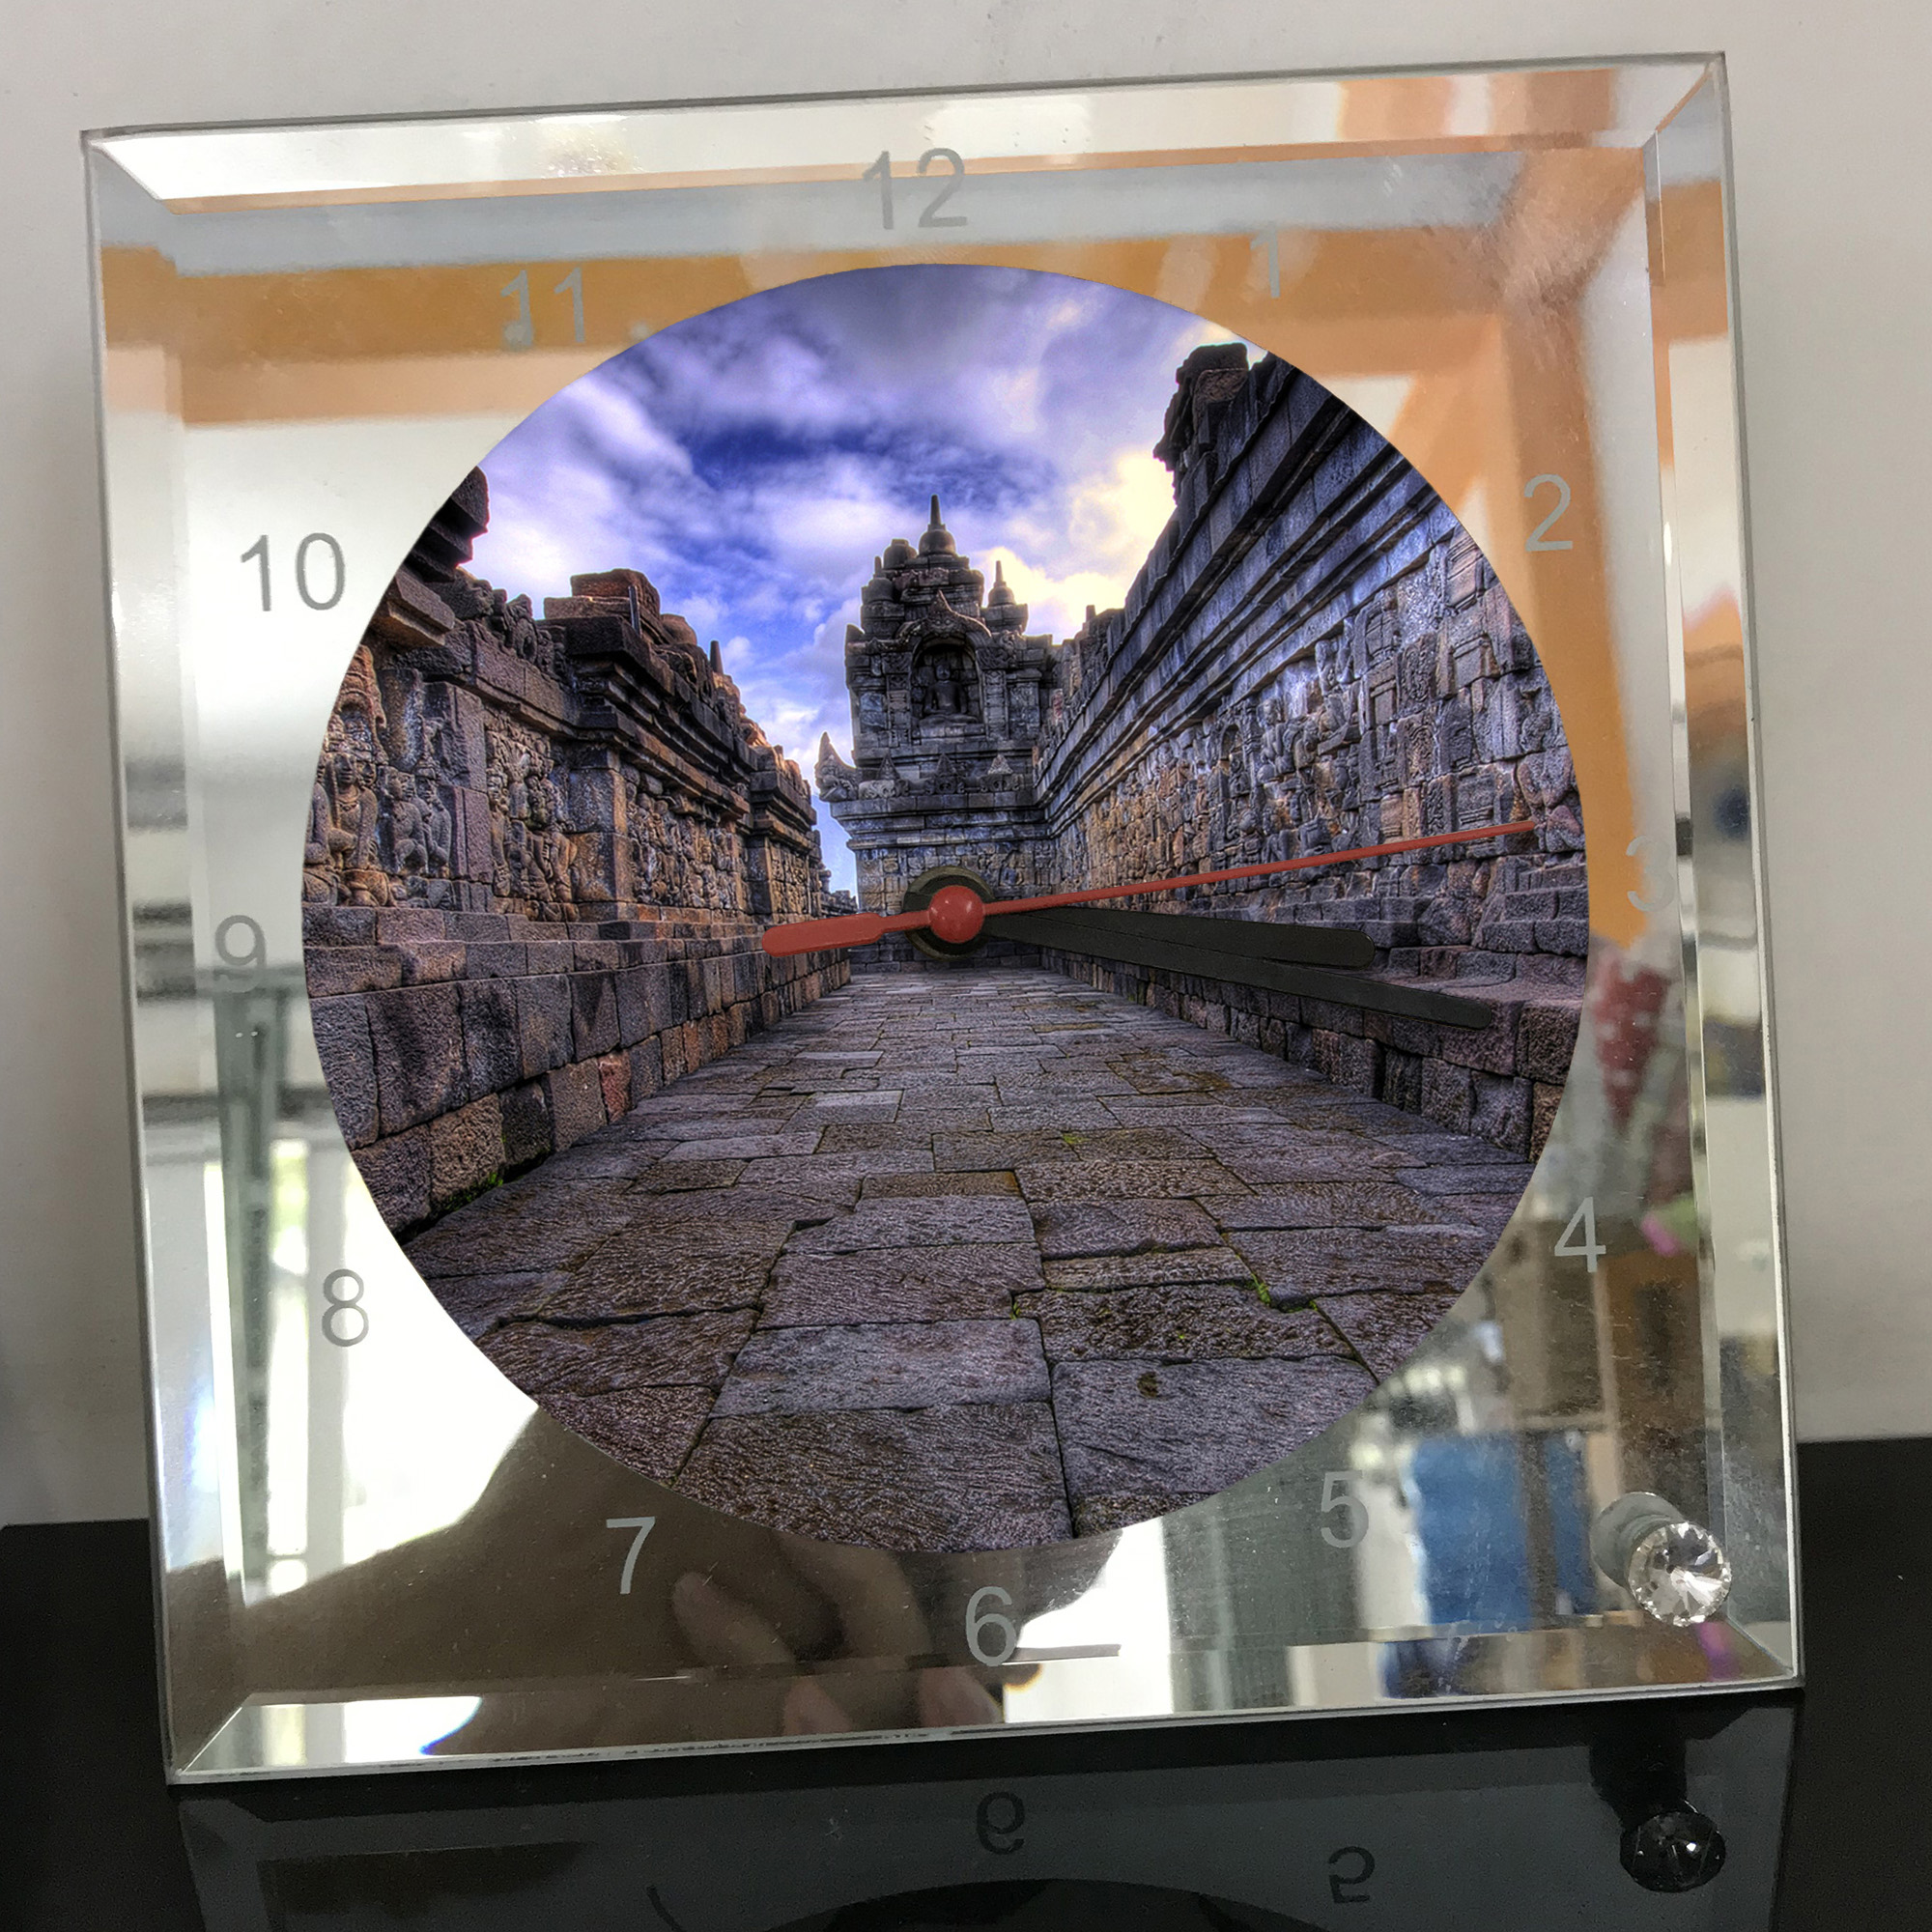 Đồng hồ thủy tinh vuông 20x20 in hình đền Angkor Wat (7) . Đồng hồ thủy tinh để bàn trang trí đẹp chủ đề tôn giáo